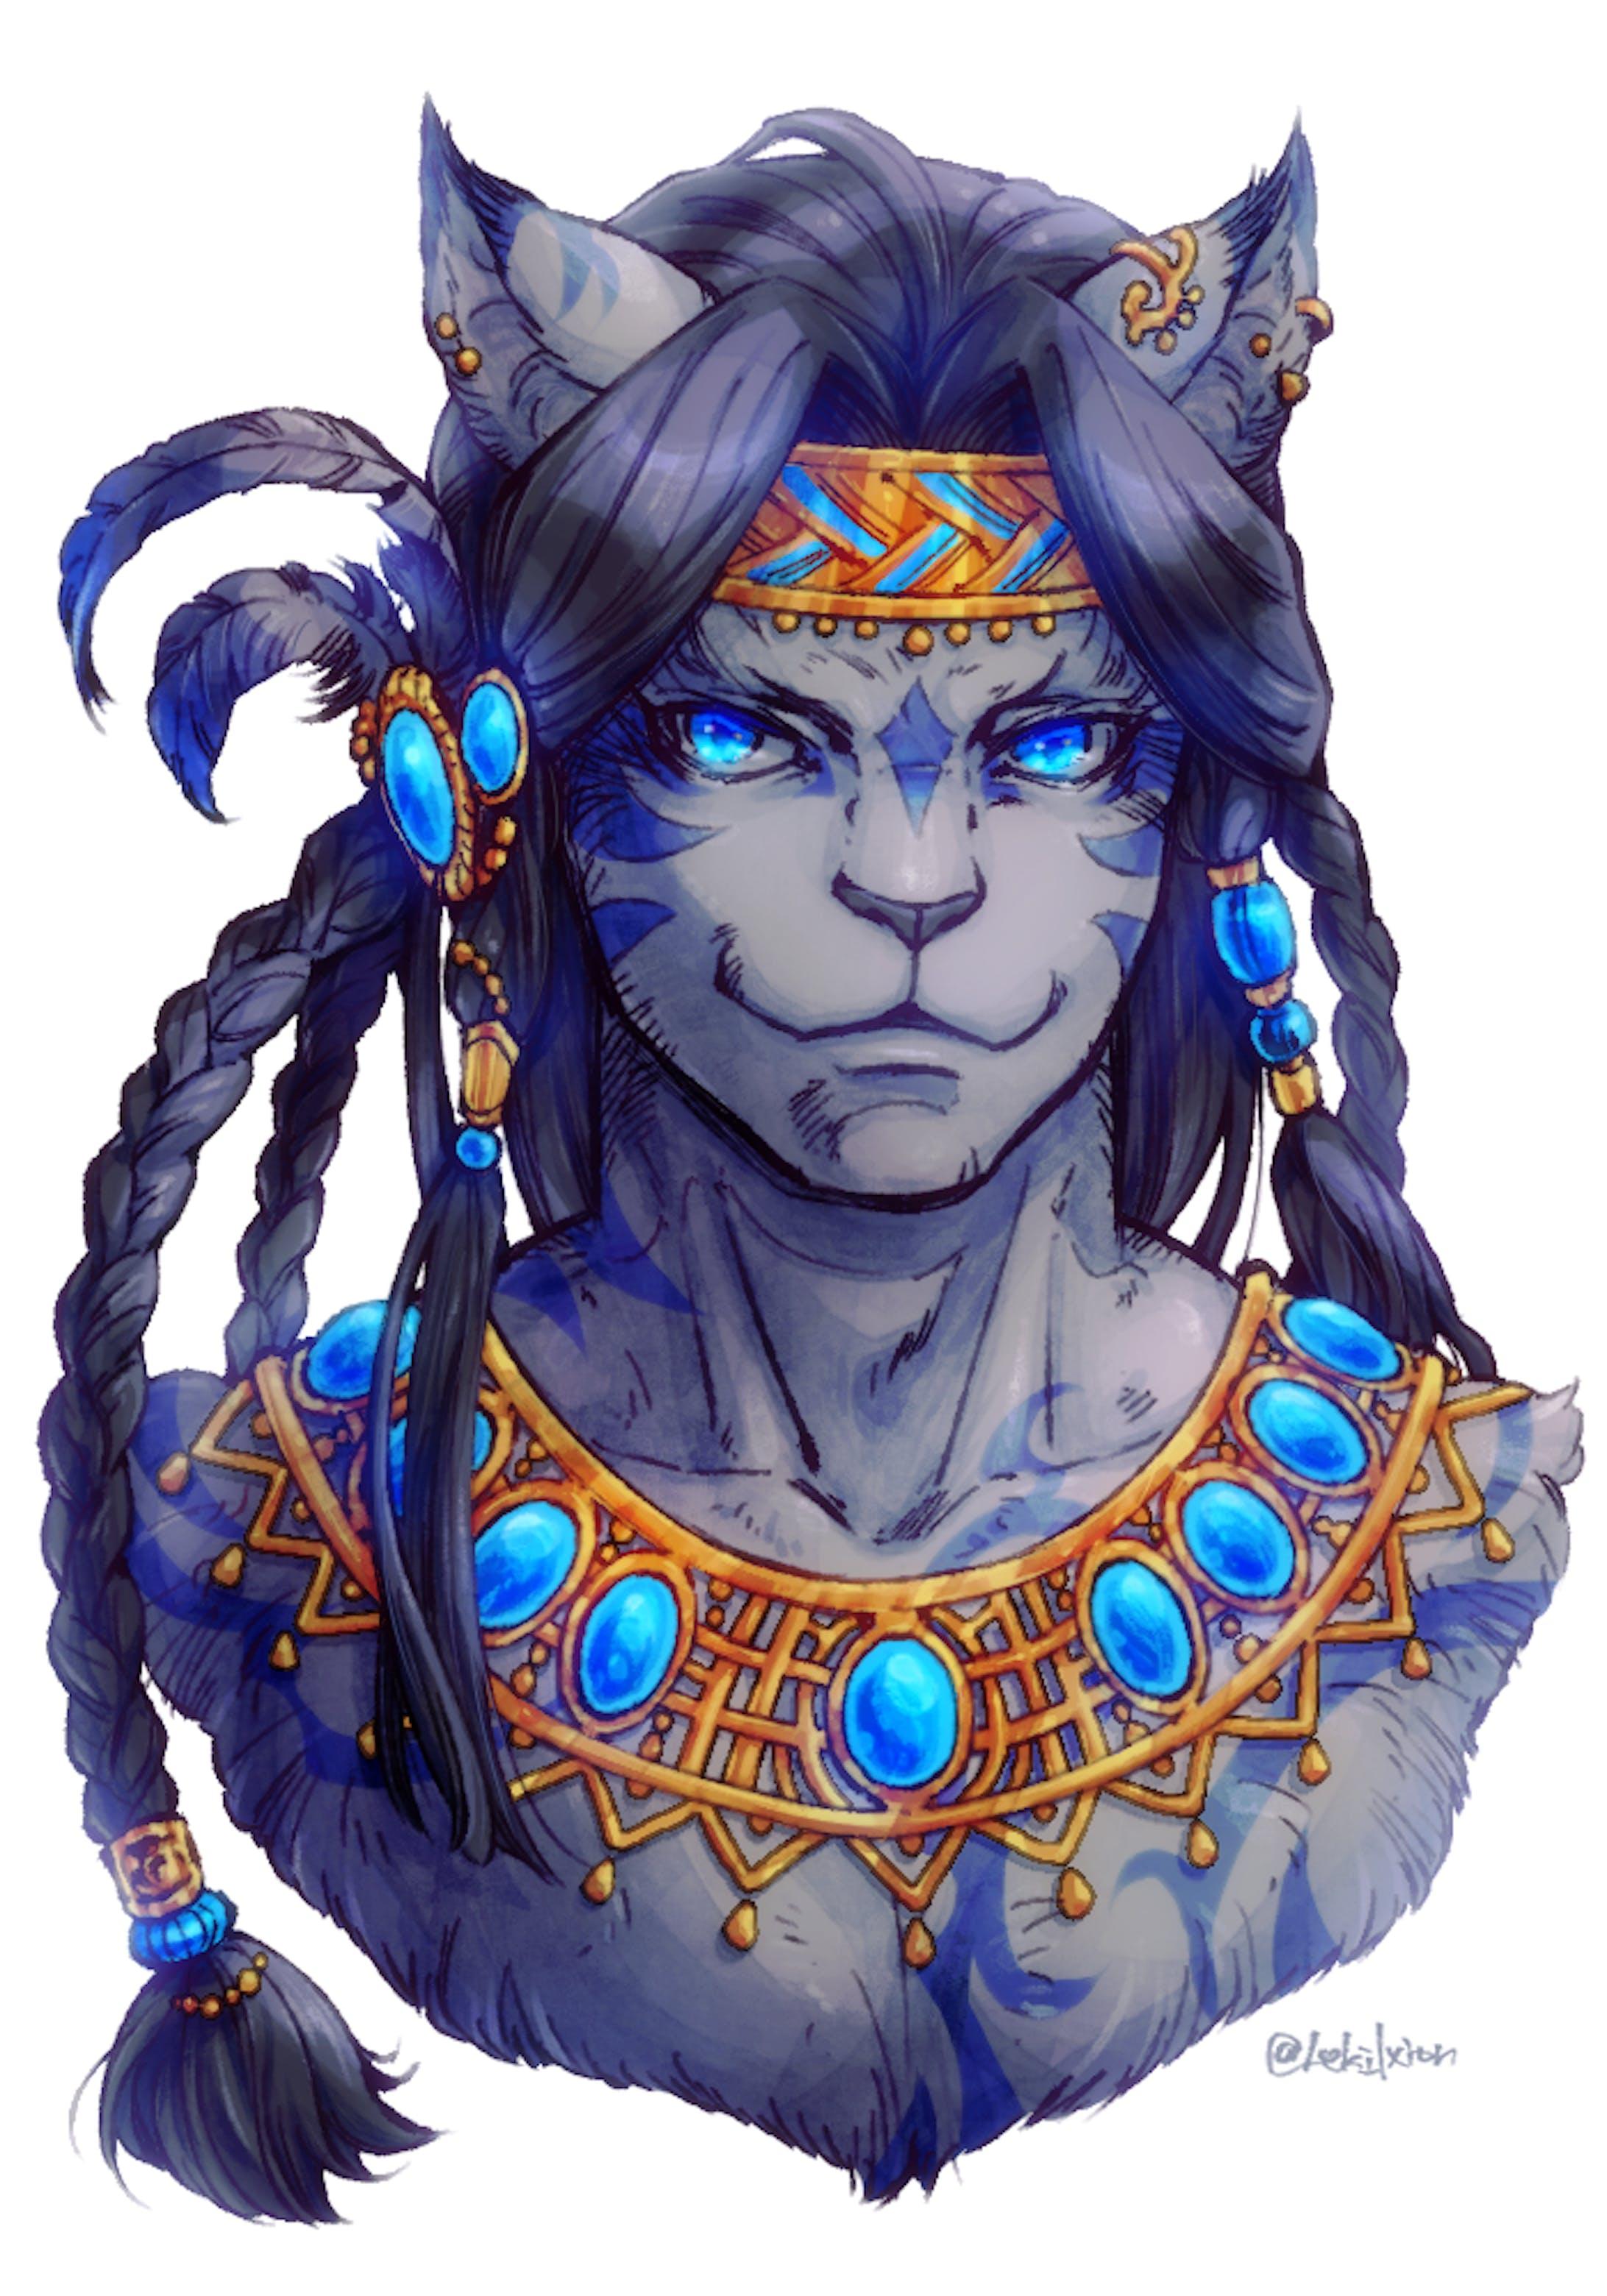 青い宝石を纏う獣人-1